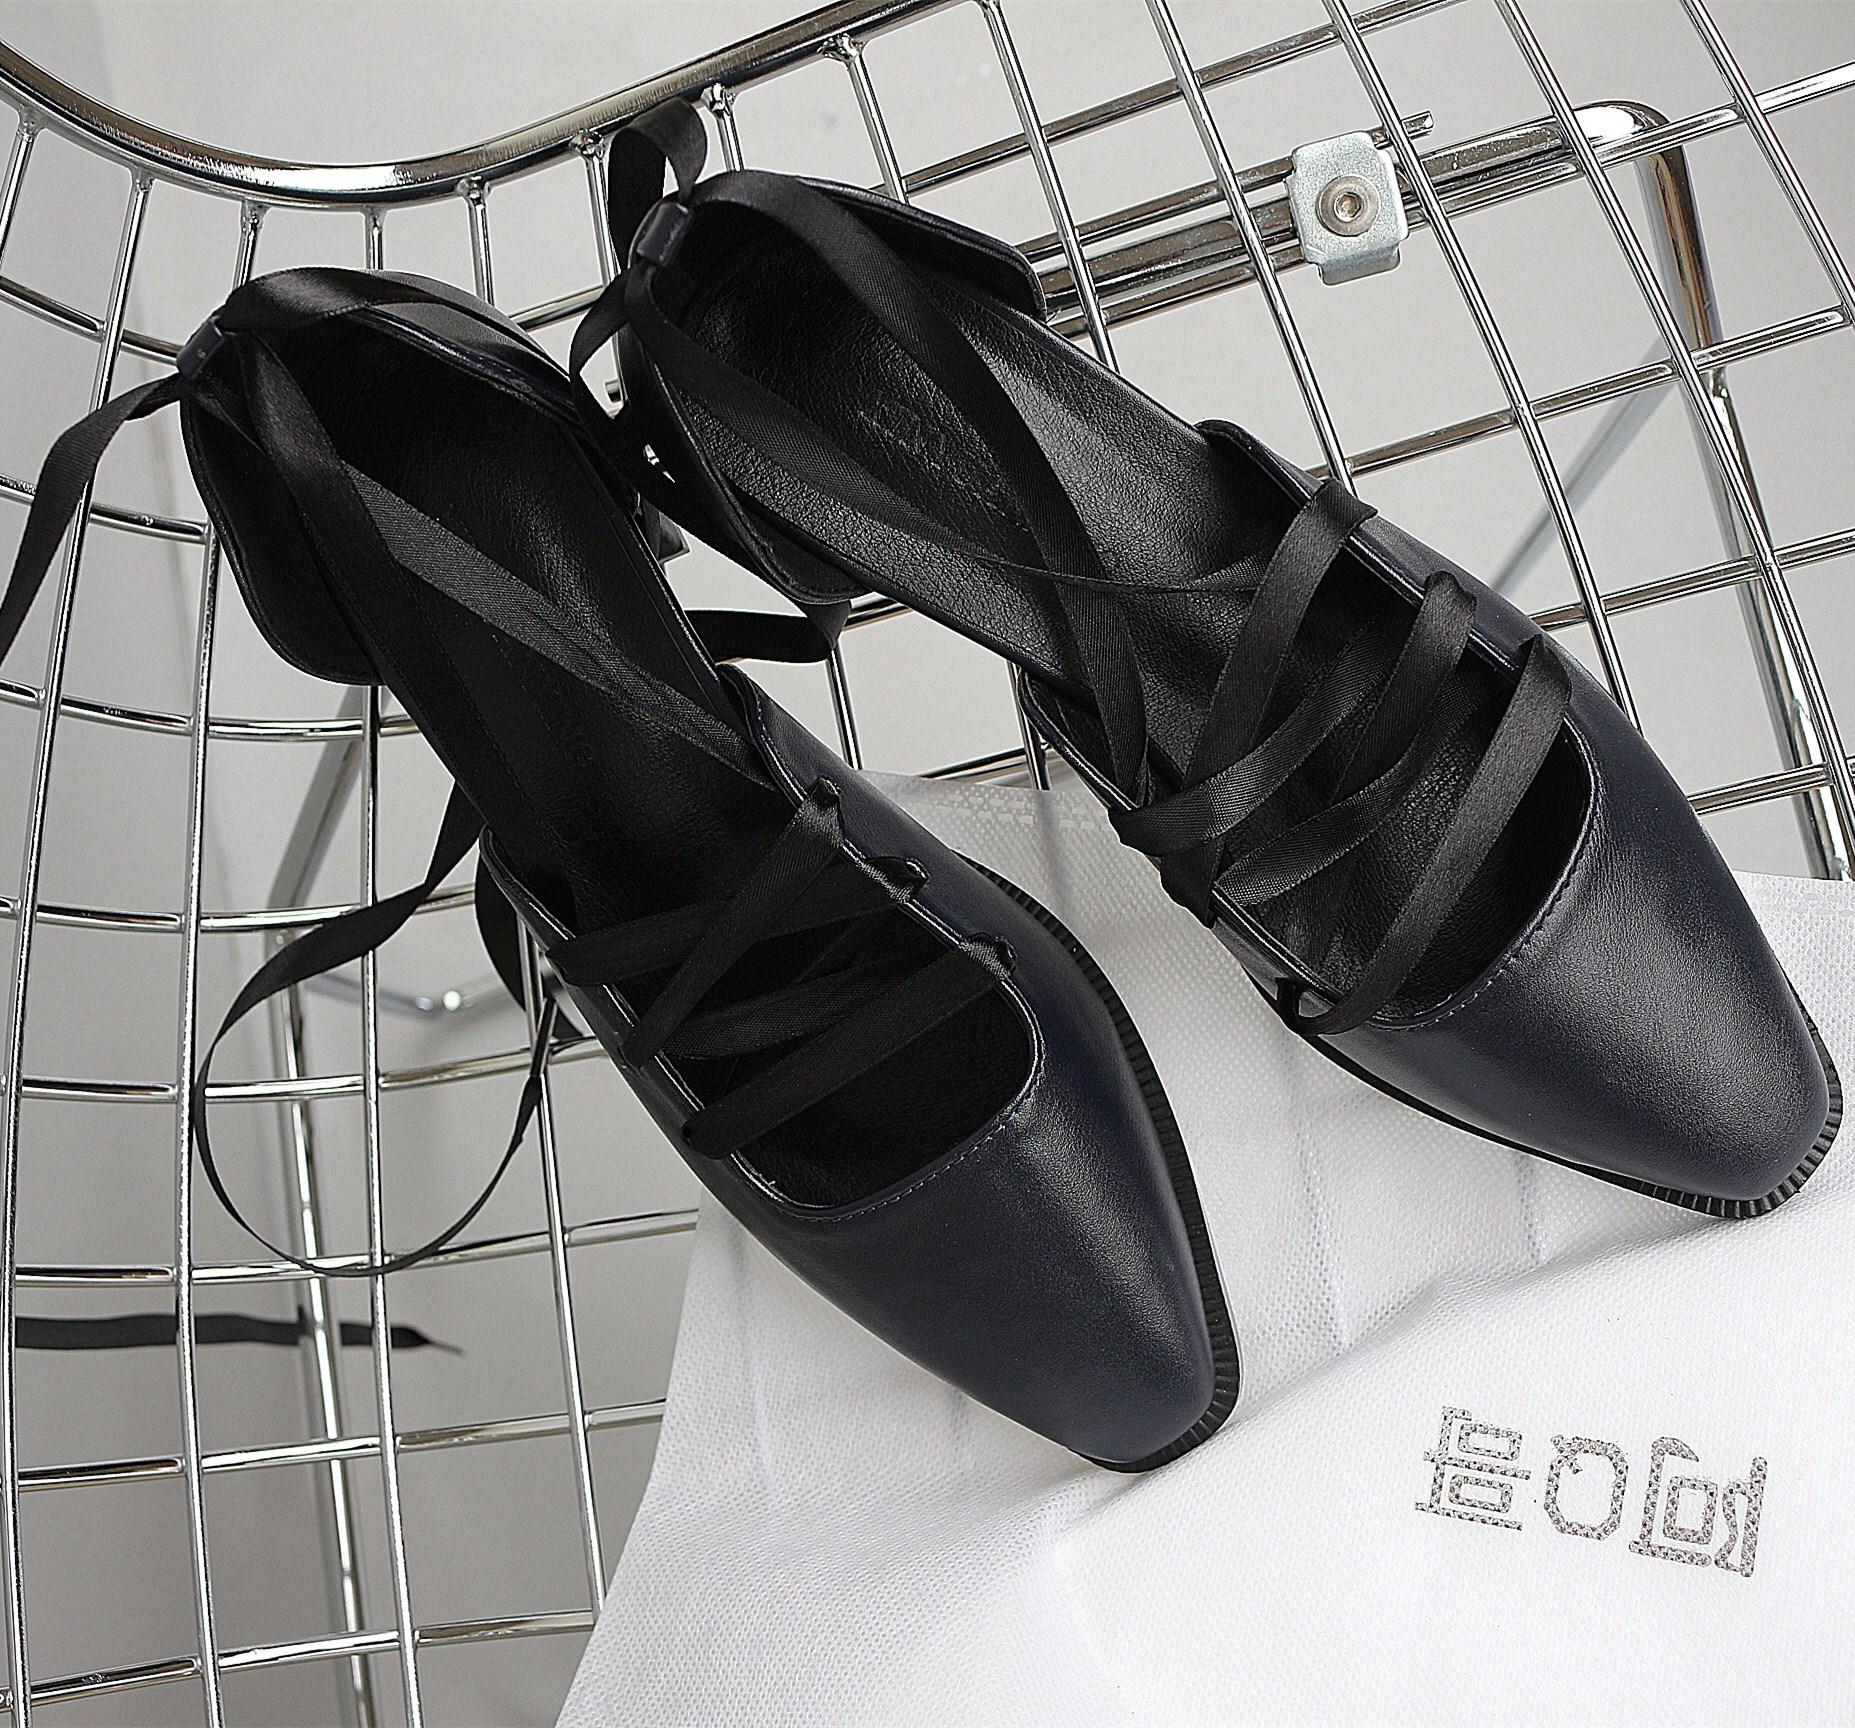 凉鞋 阿Q哥家很有个性的一款优雅舒适绑带款凉鞋 复古包头粗跟中跟女鞋_推荐淘宝好看的女凉鞋